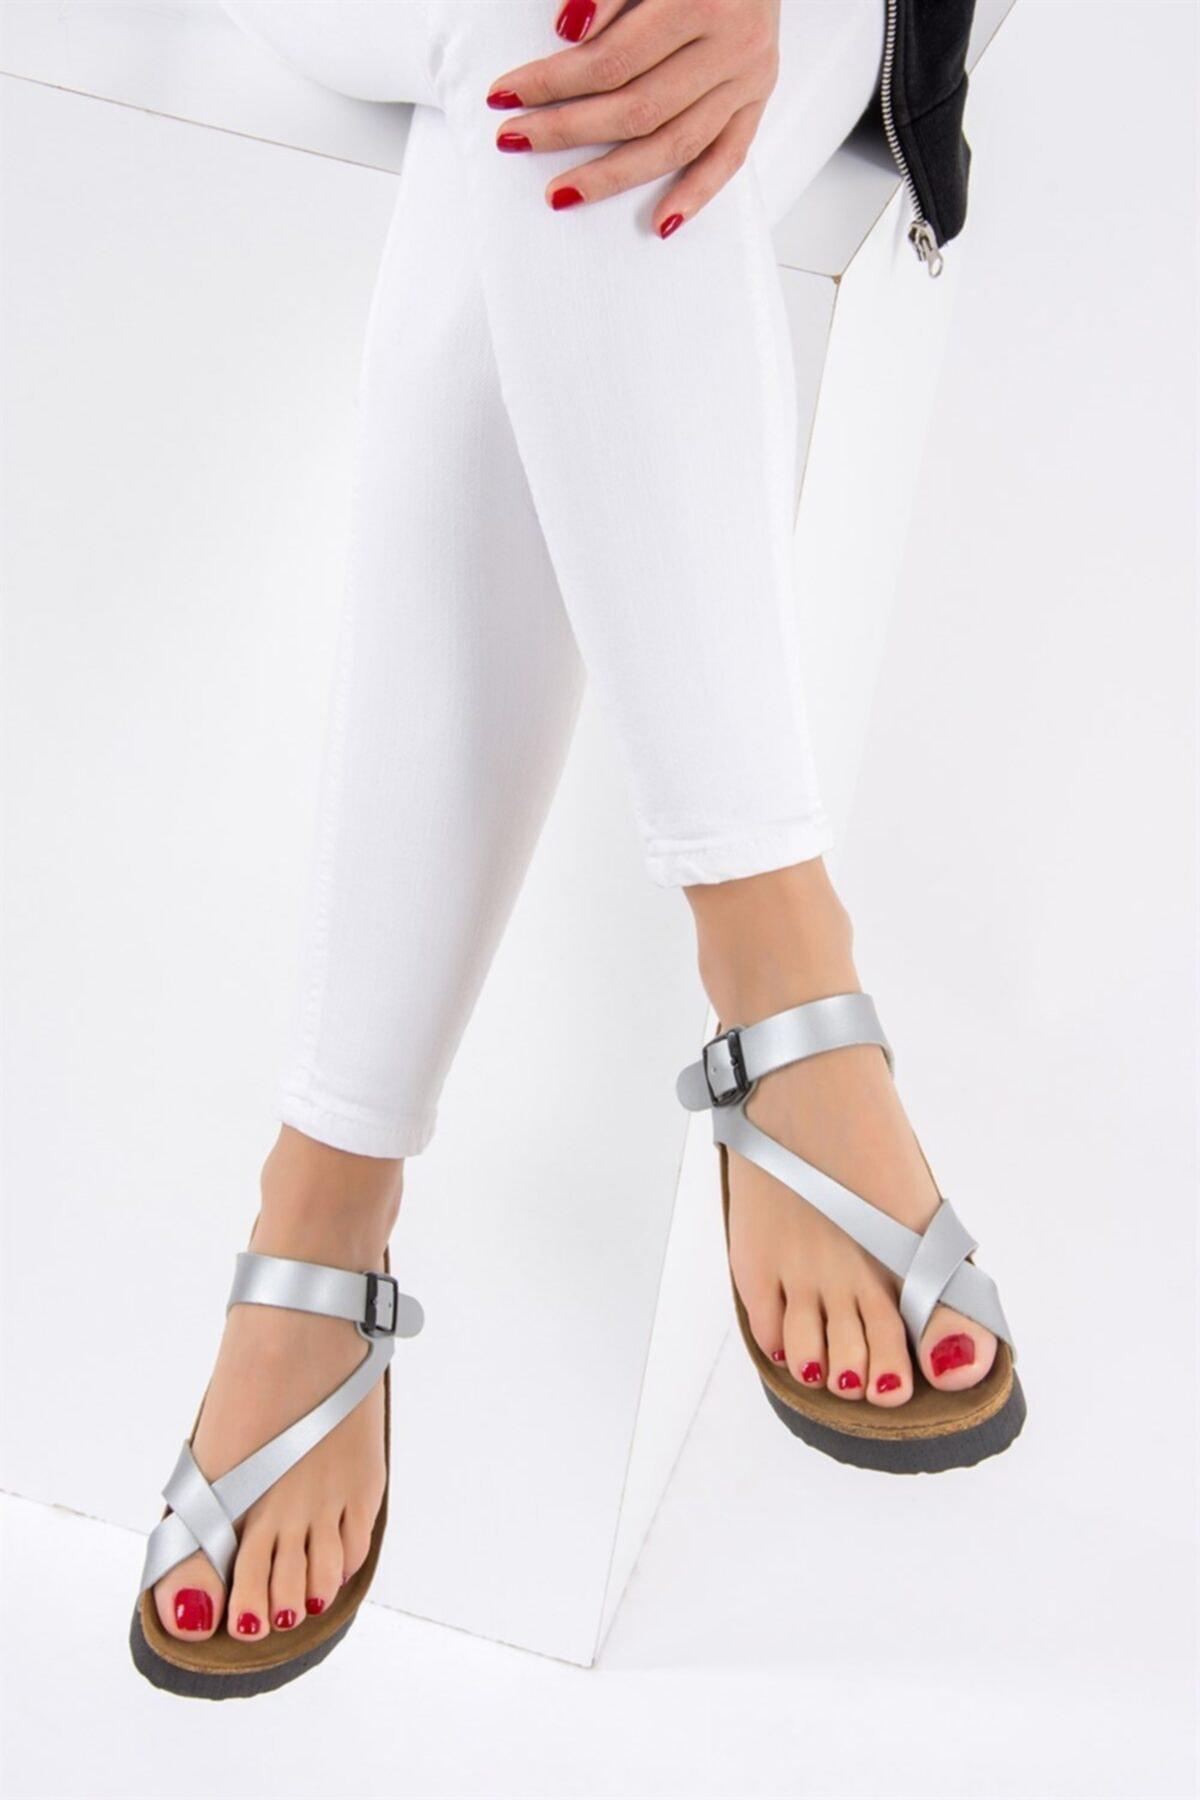 Fox Shoes Kadın Gümüş Terlik B777753009 2